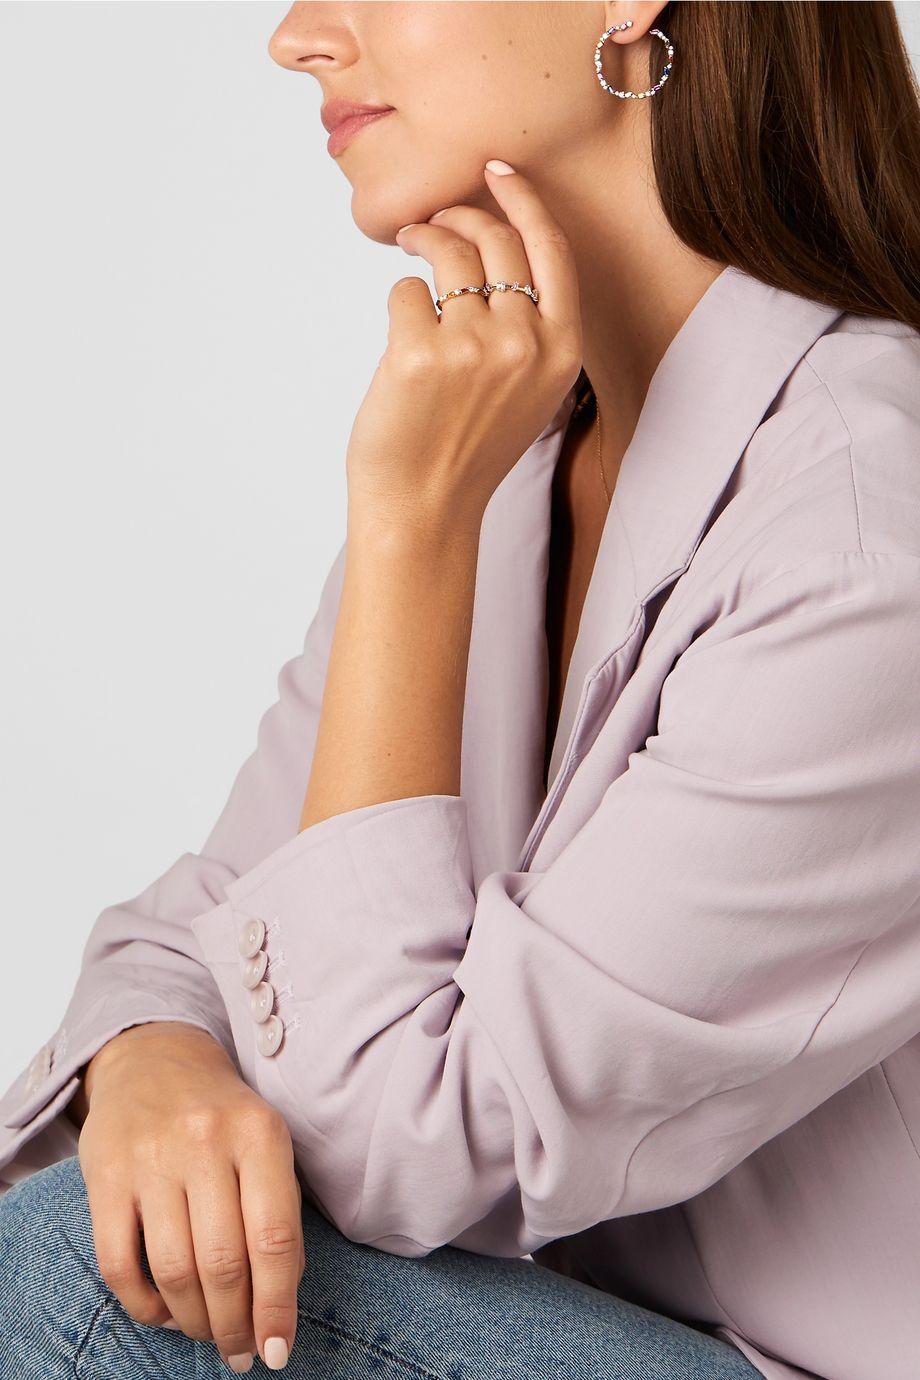 Suzanne Kalan Créoles en or 18 carats, saphirs et diamants